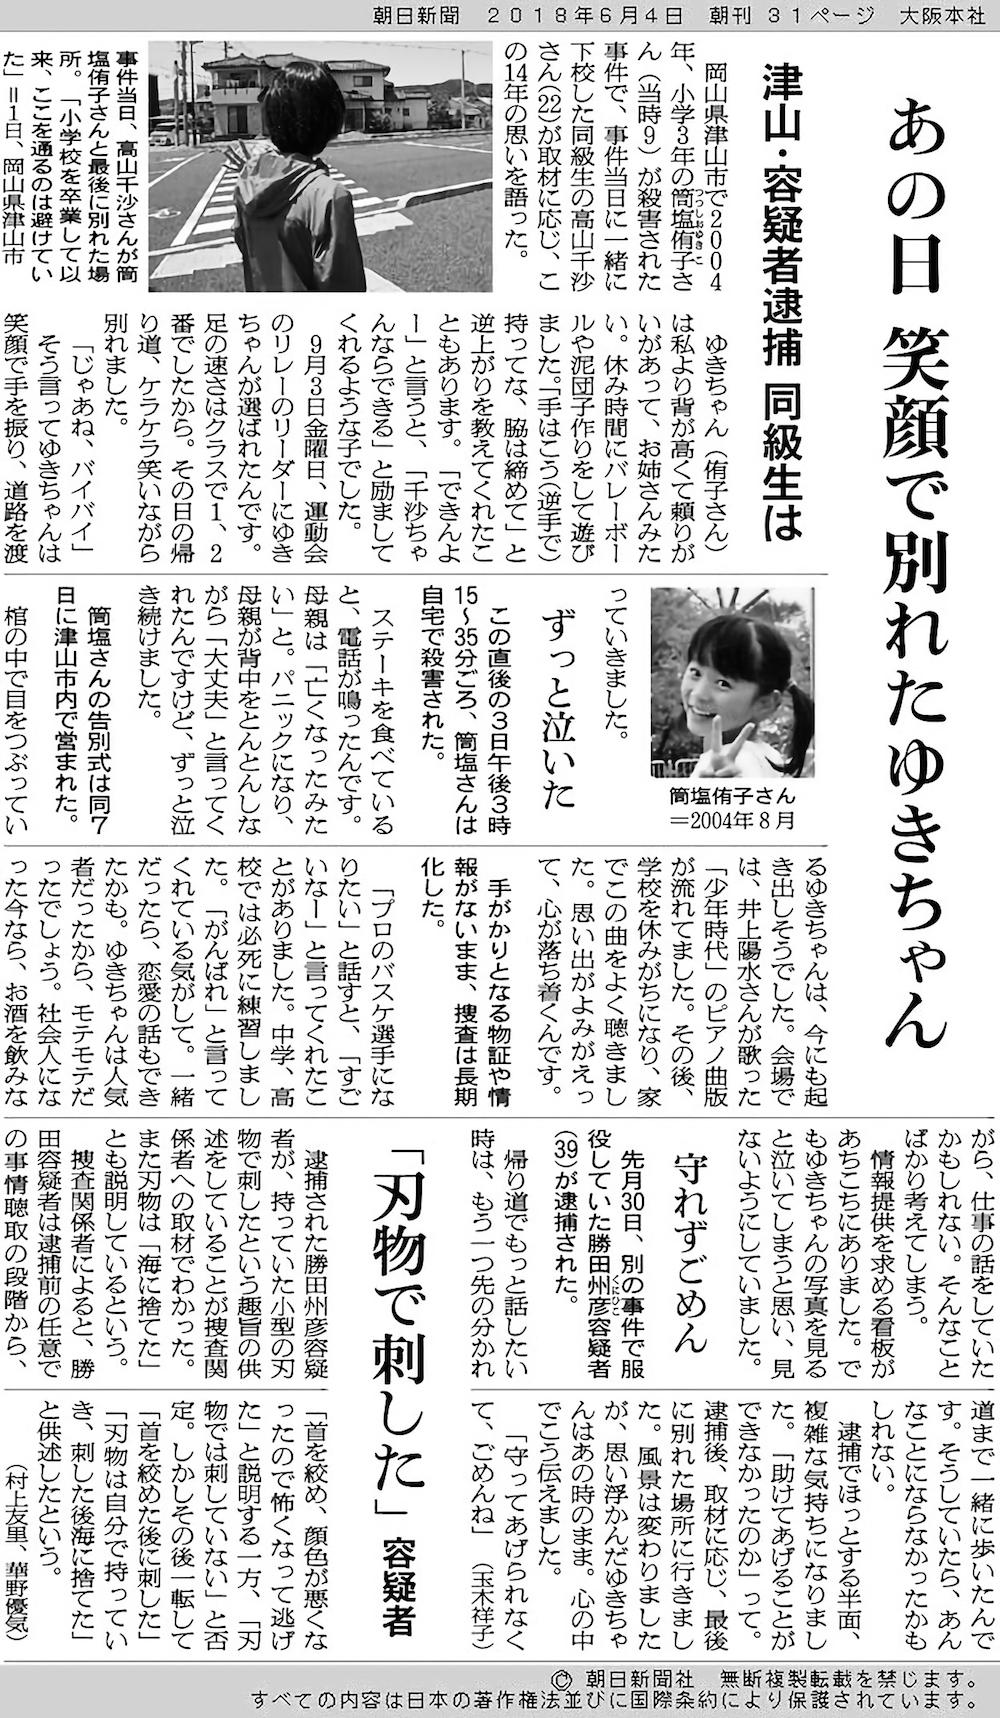 写真・図版 : 紙面 2018年6月4日付、朝日新聞朝刊社会面(大阪本社版)